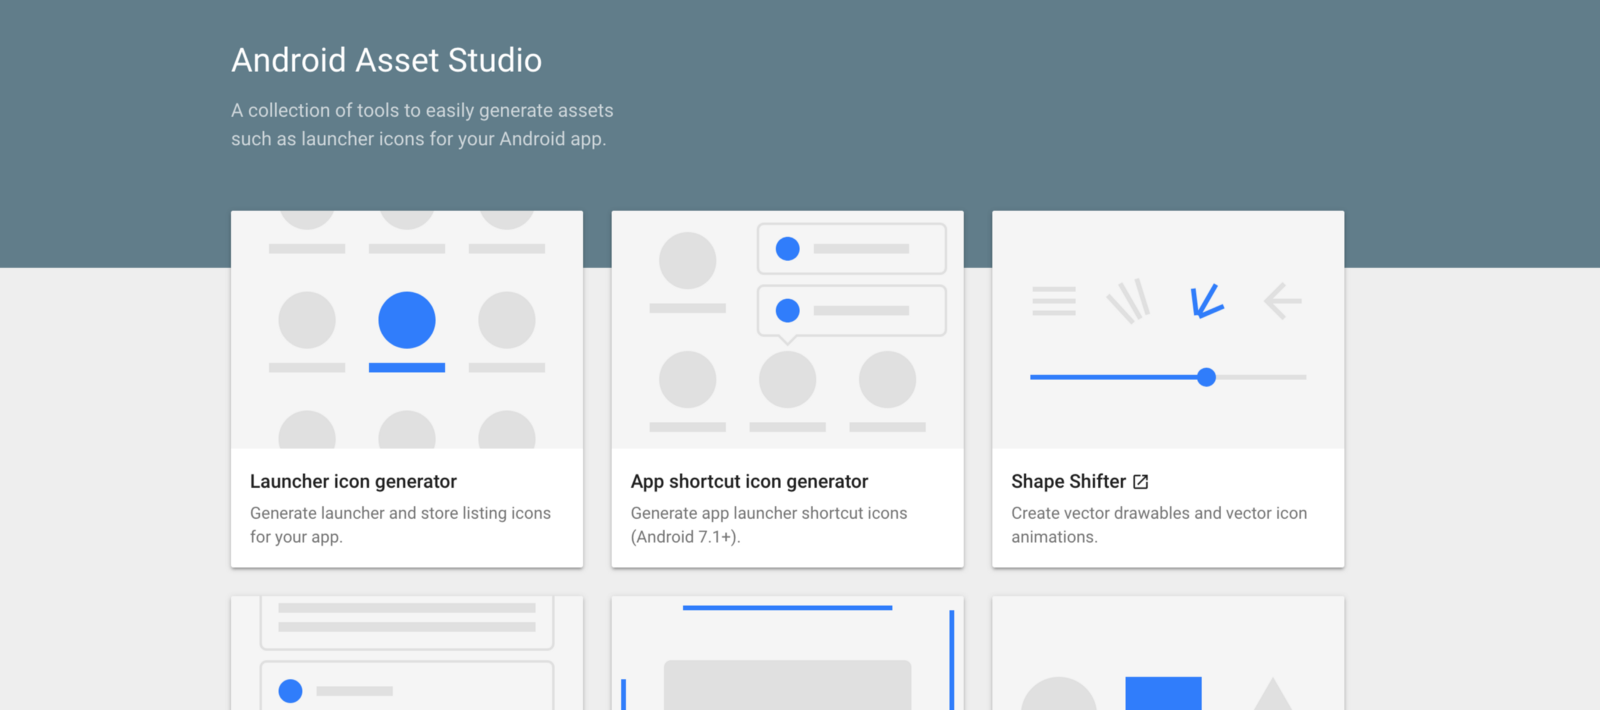 AndroidAssetStudio